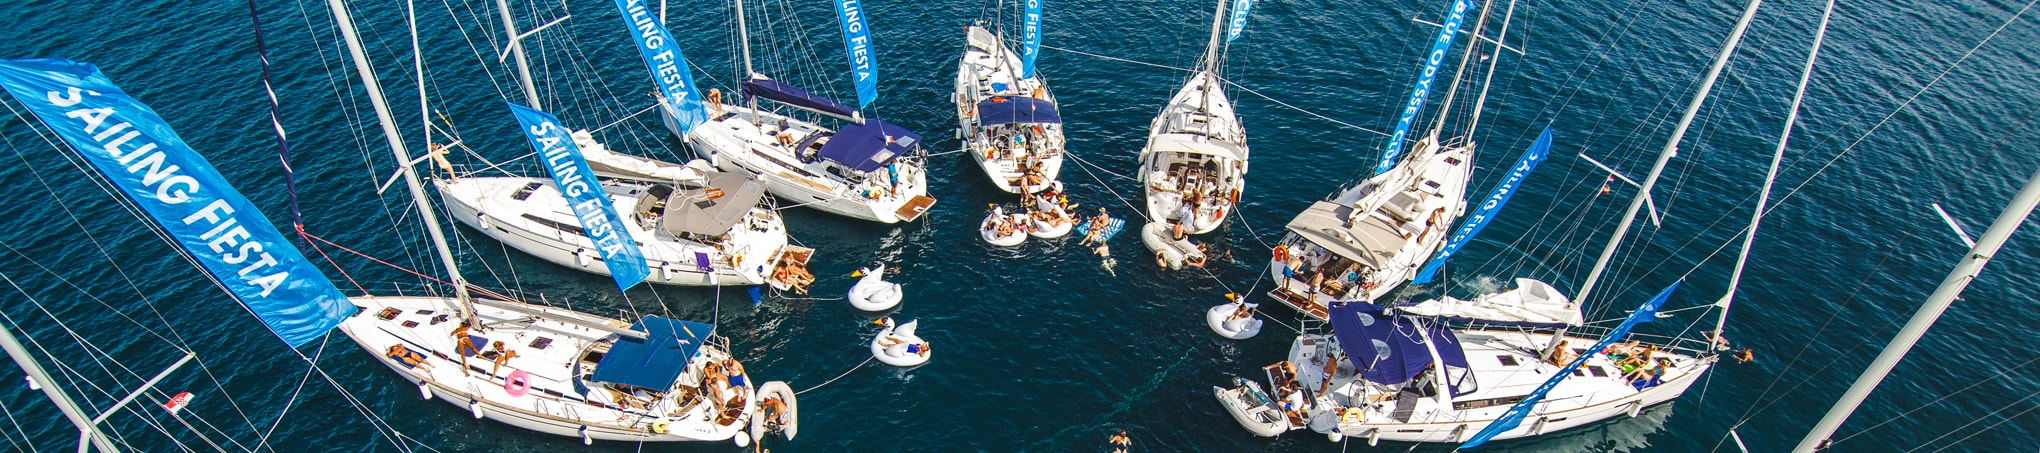 Blue Water Fiesta Jachty